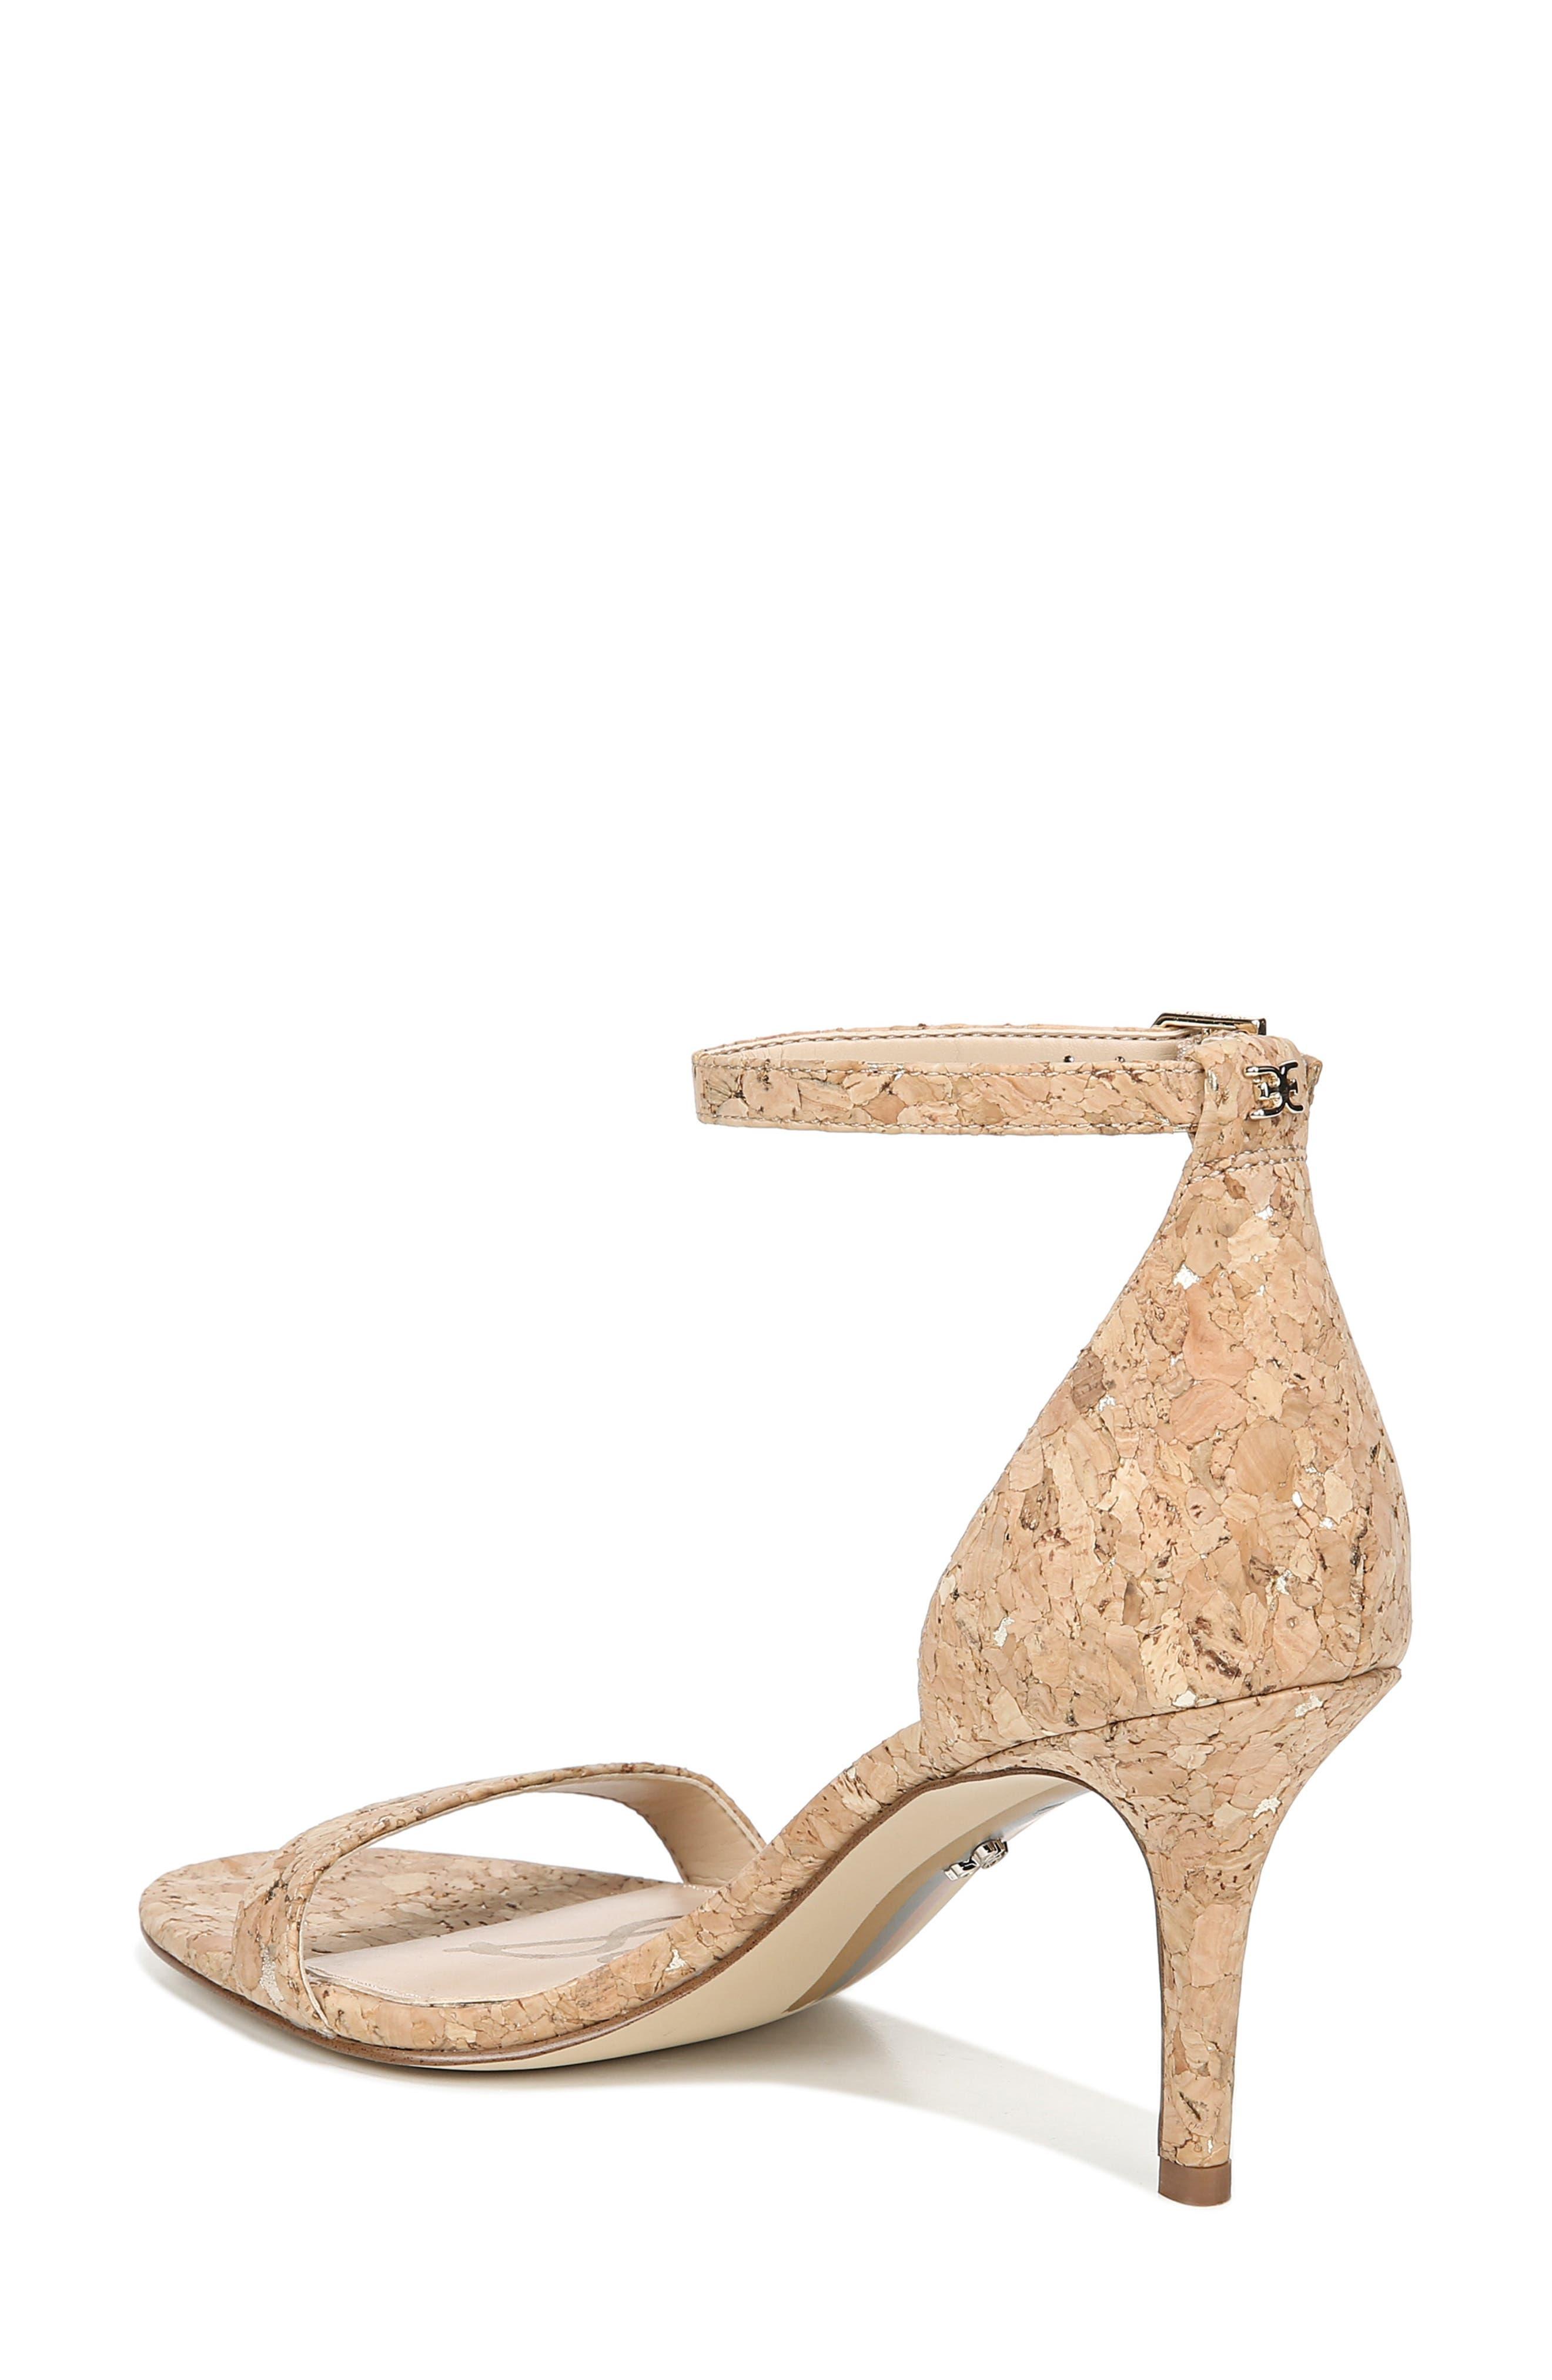 807729a9b5a7 Sam Edelman Women s Heels